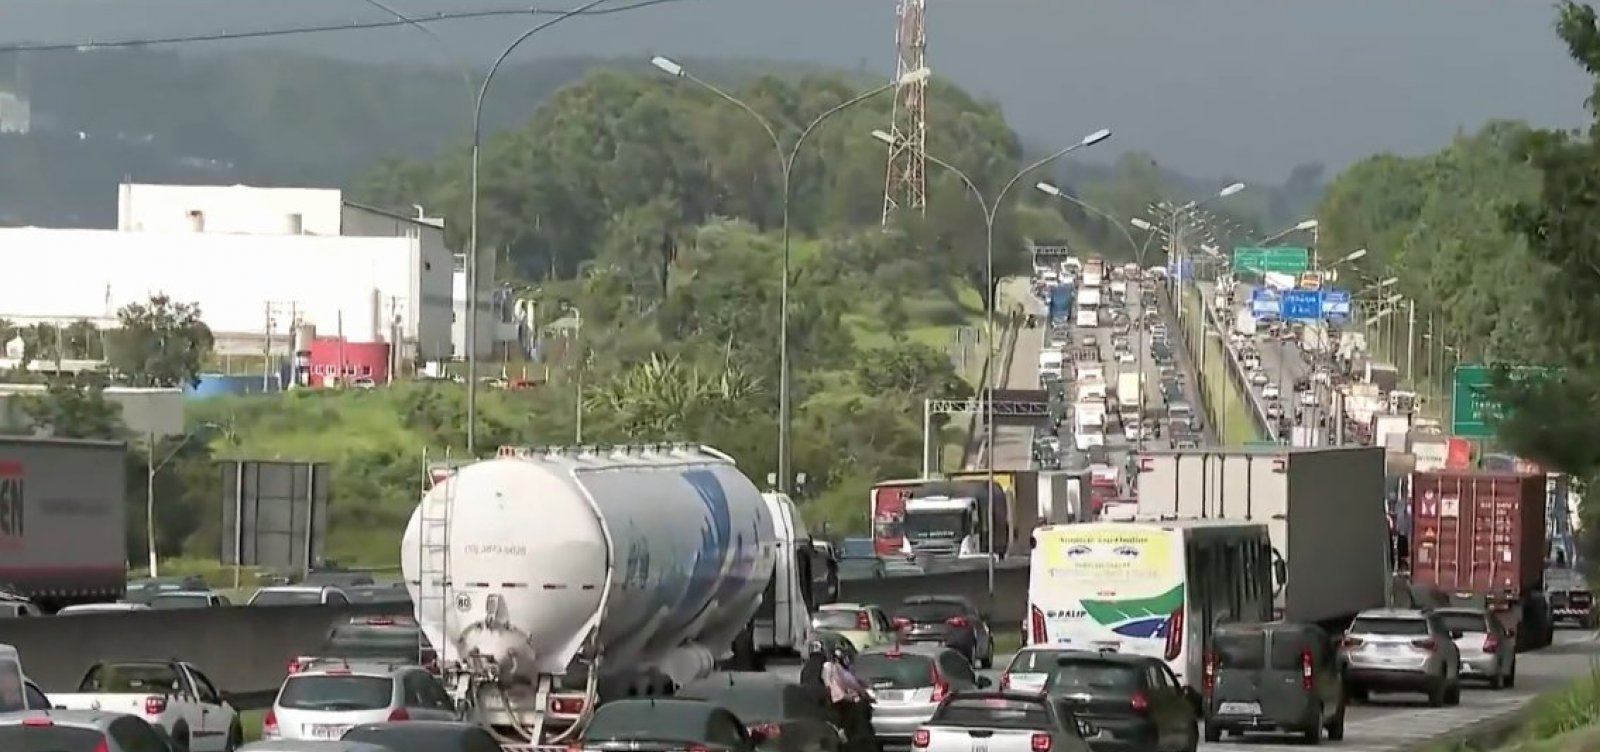 São Paulo: caminhoneiros bloqueiam rodovia Castello Branco